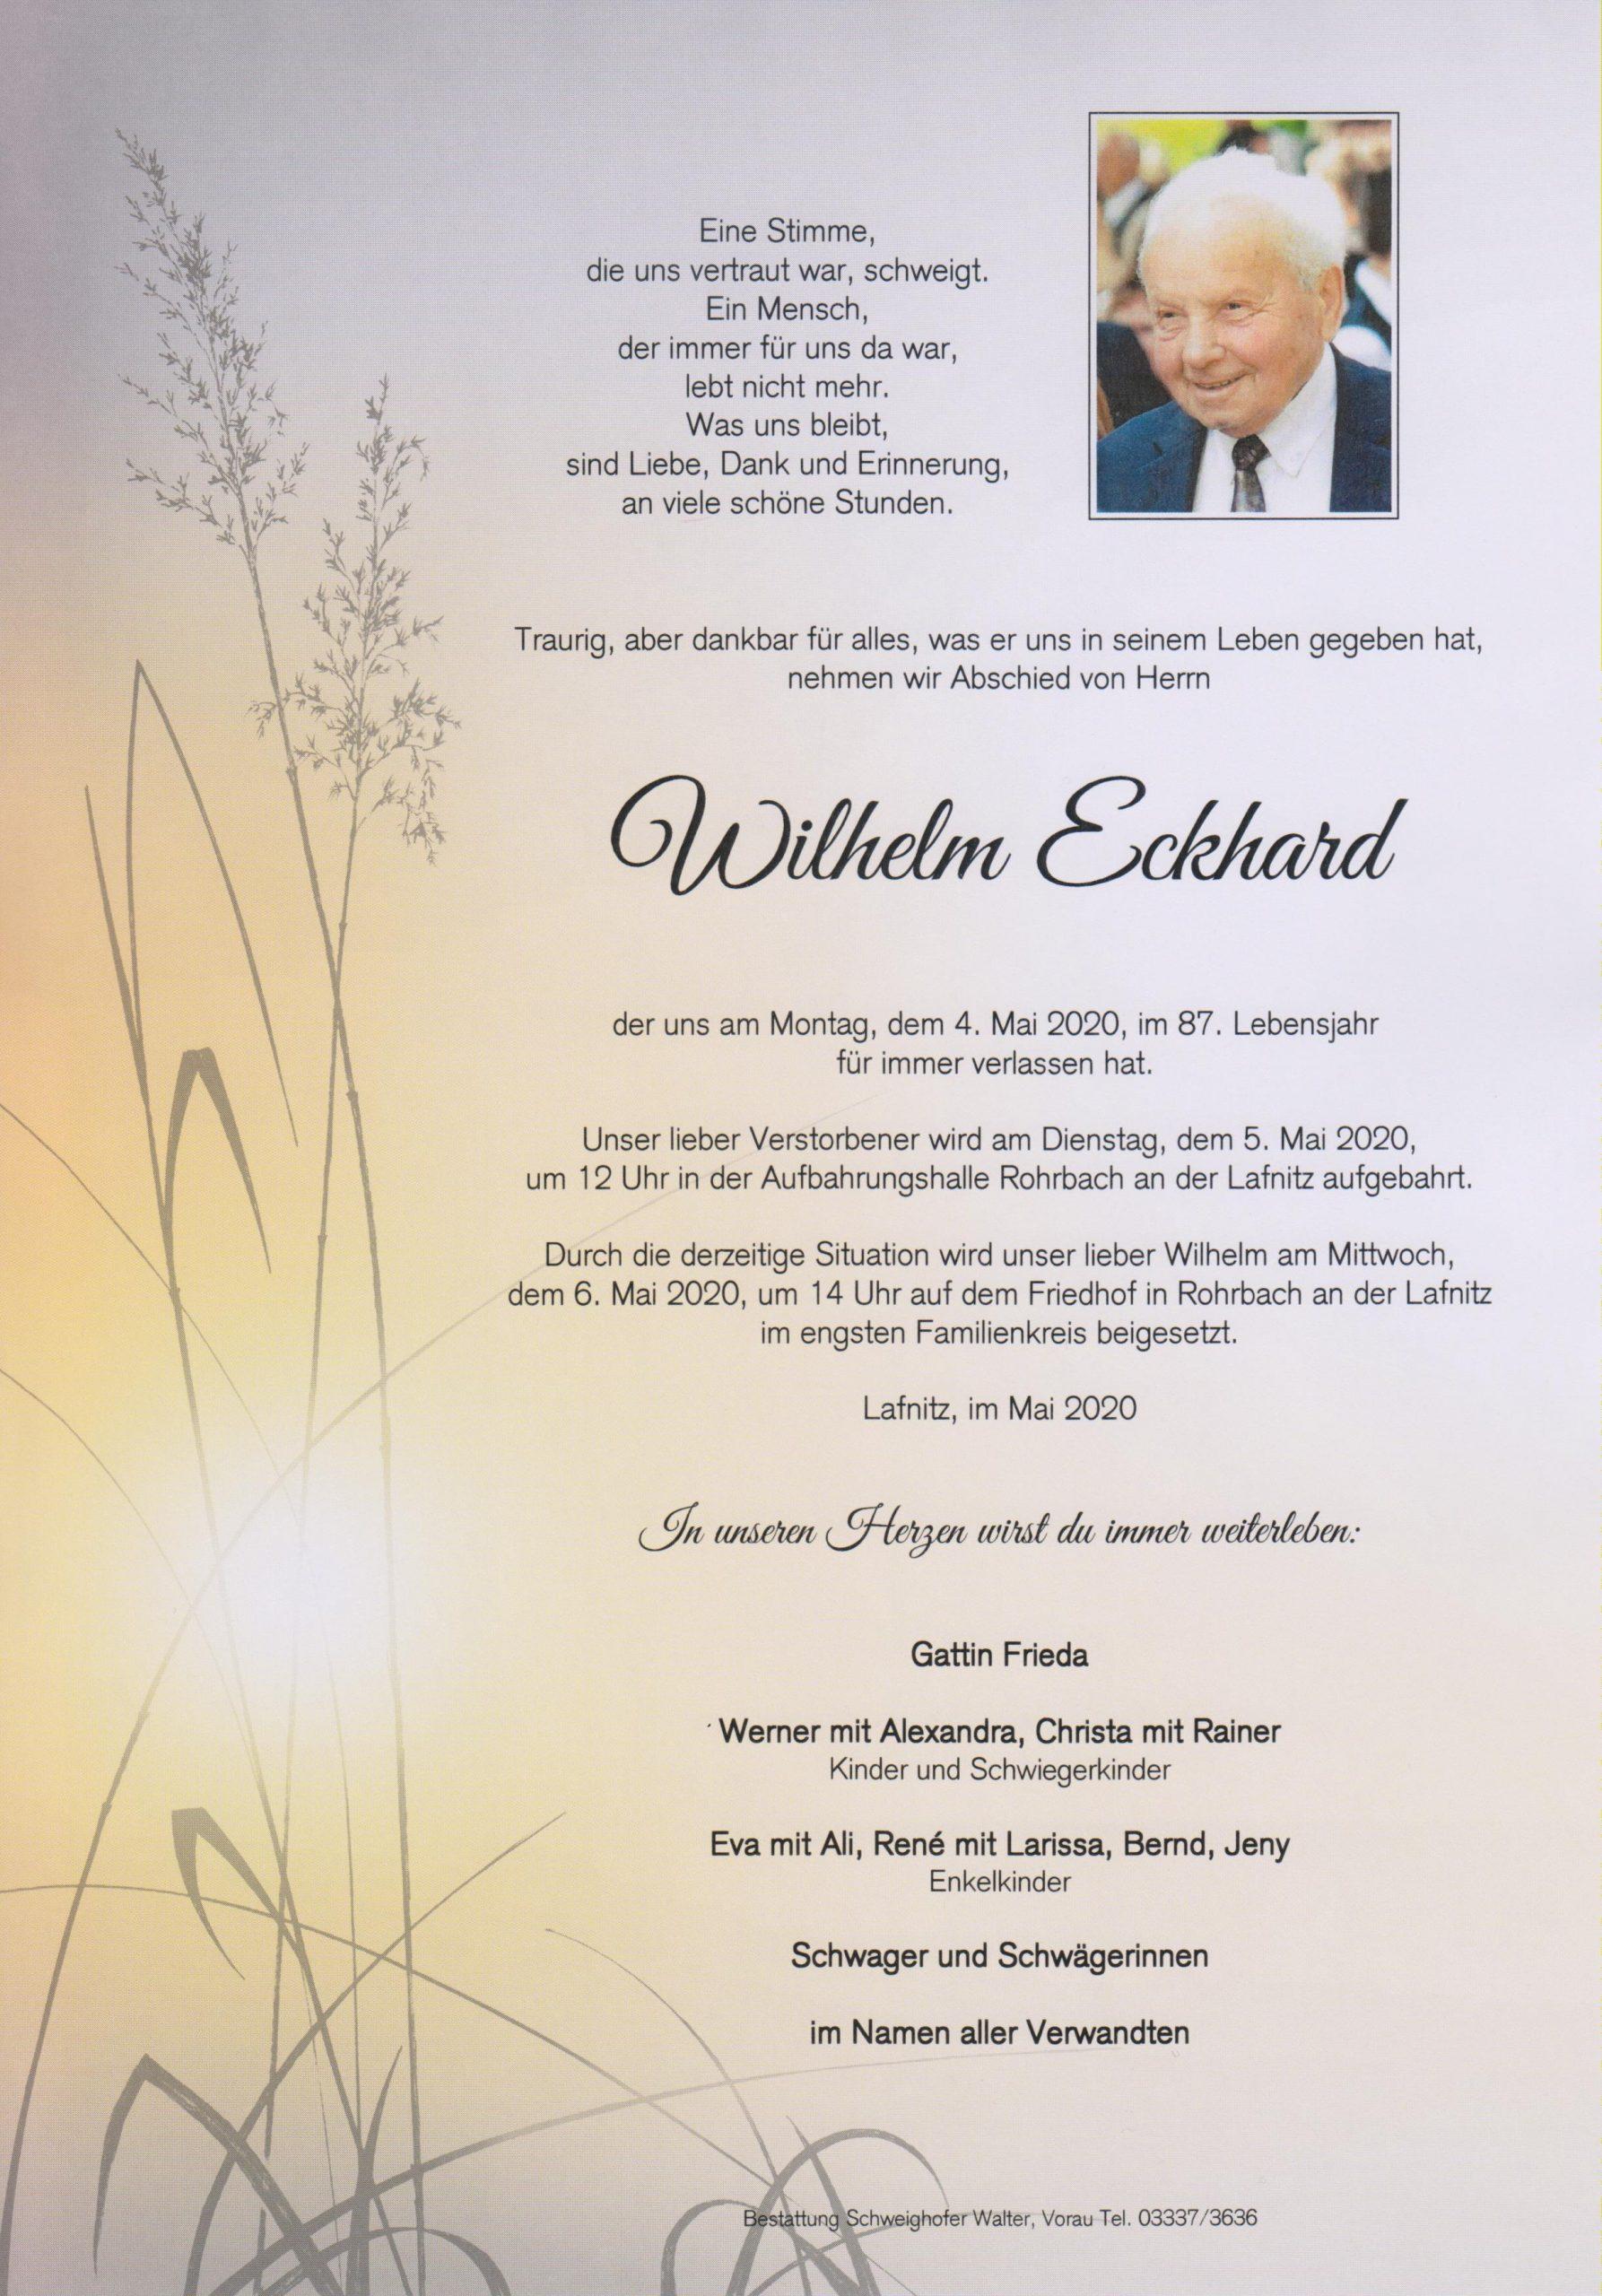 Wilhelm Eckhard